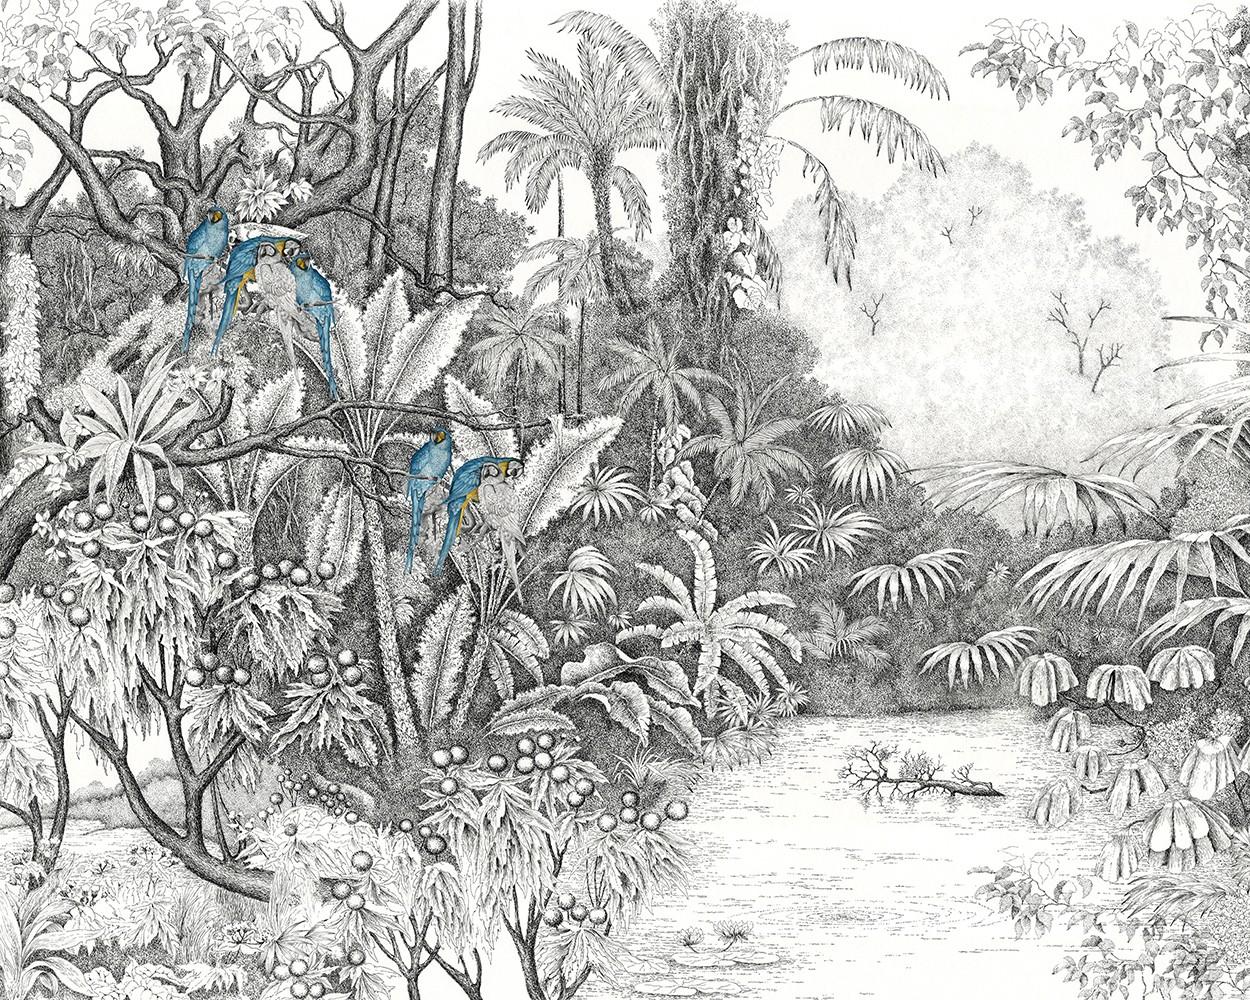 Papier Peint Avec Perroquet l'île aux perroquets bleus